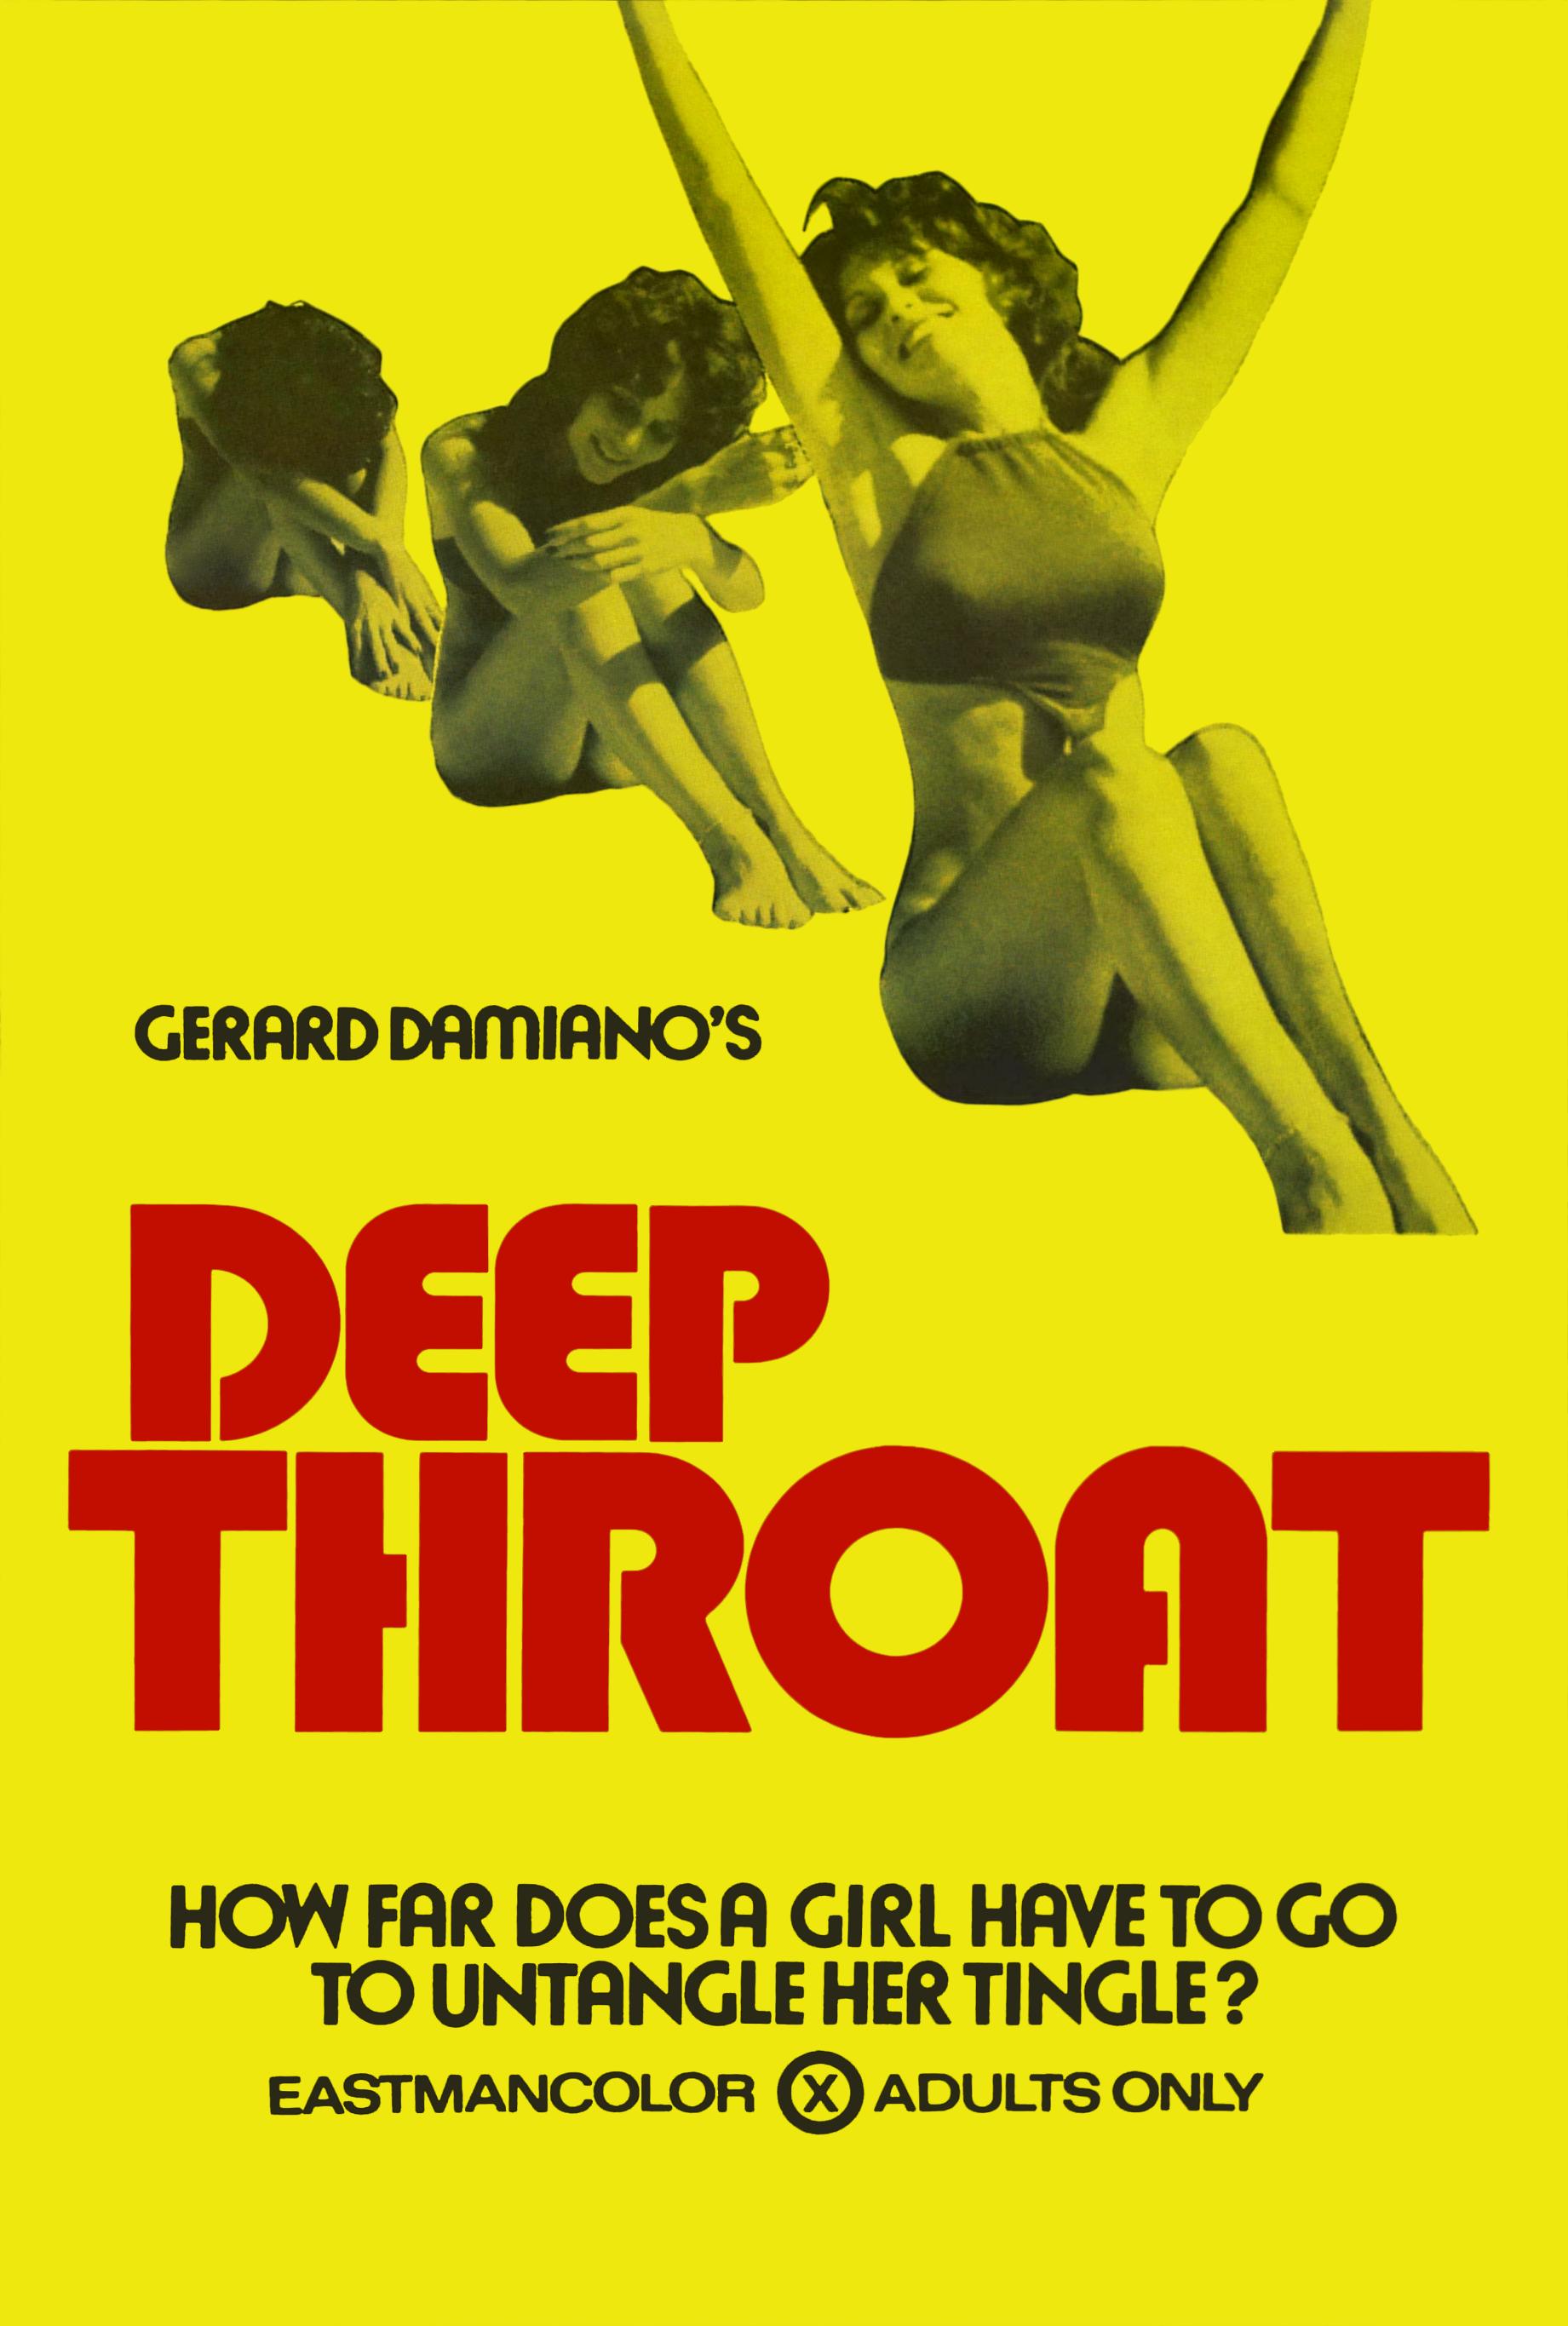 deep_throat_pd_poster_restored_borderless.png